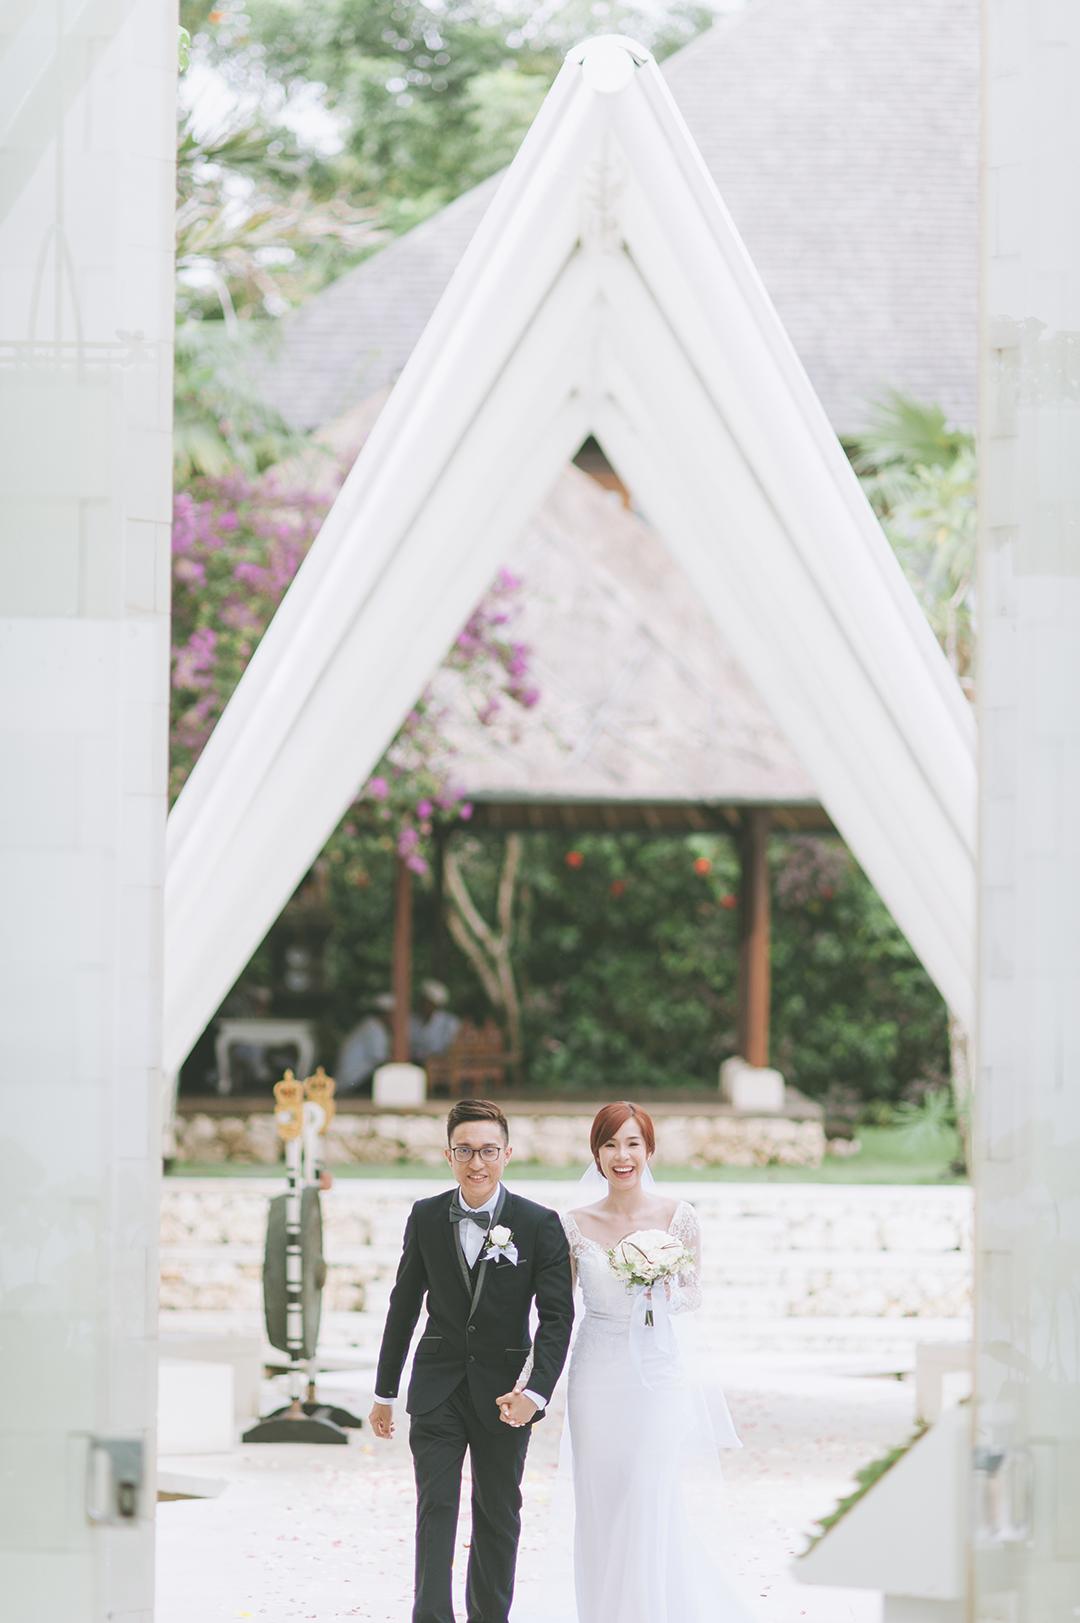 Jasmine grant mcgrath emmanuel haute couture penang wedding dresses - Emmanuel haute couture ...